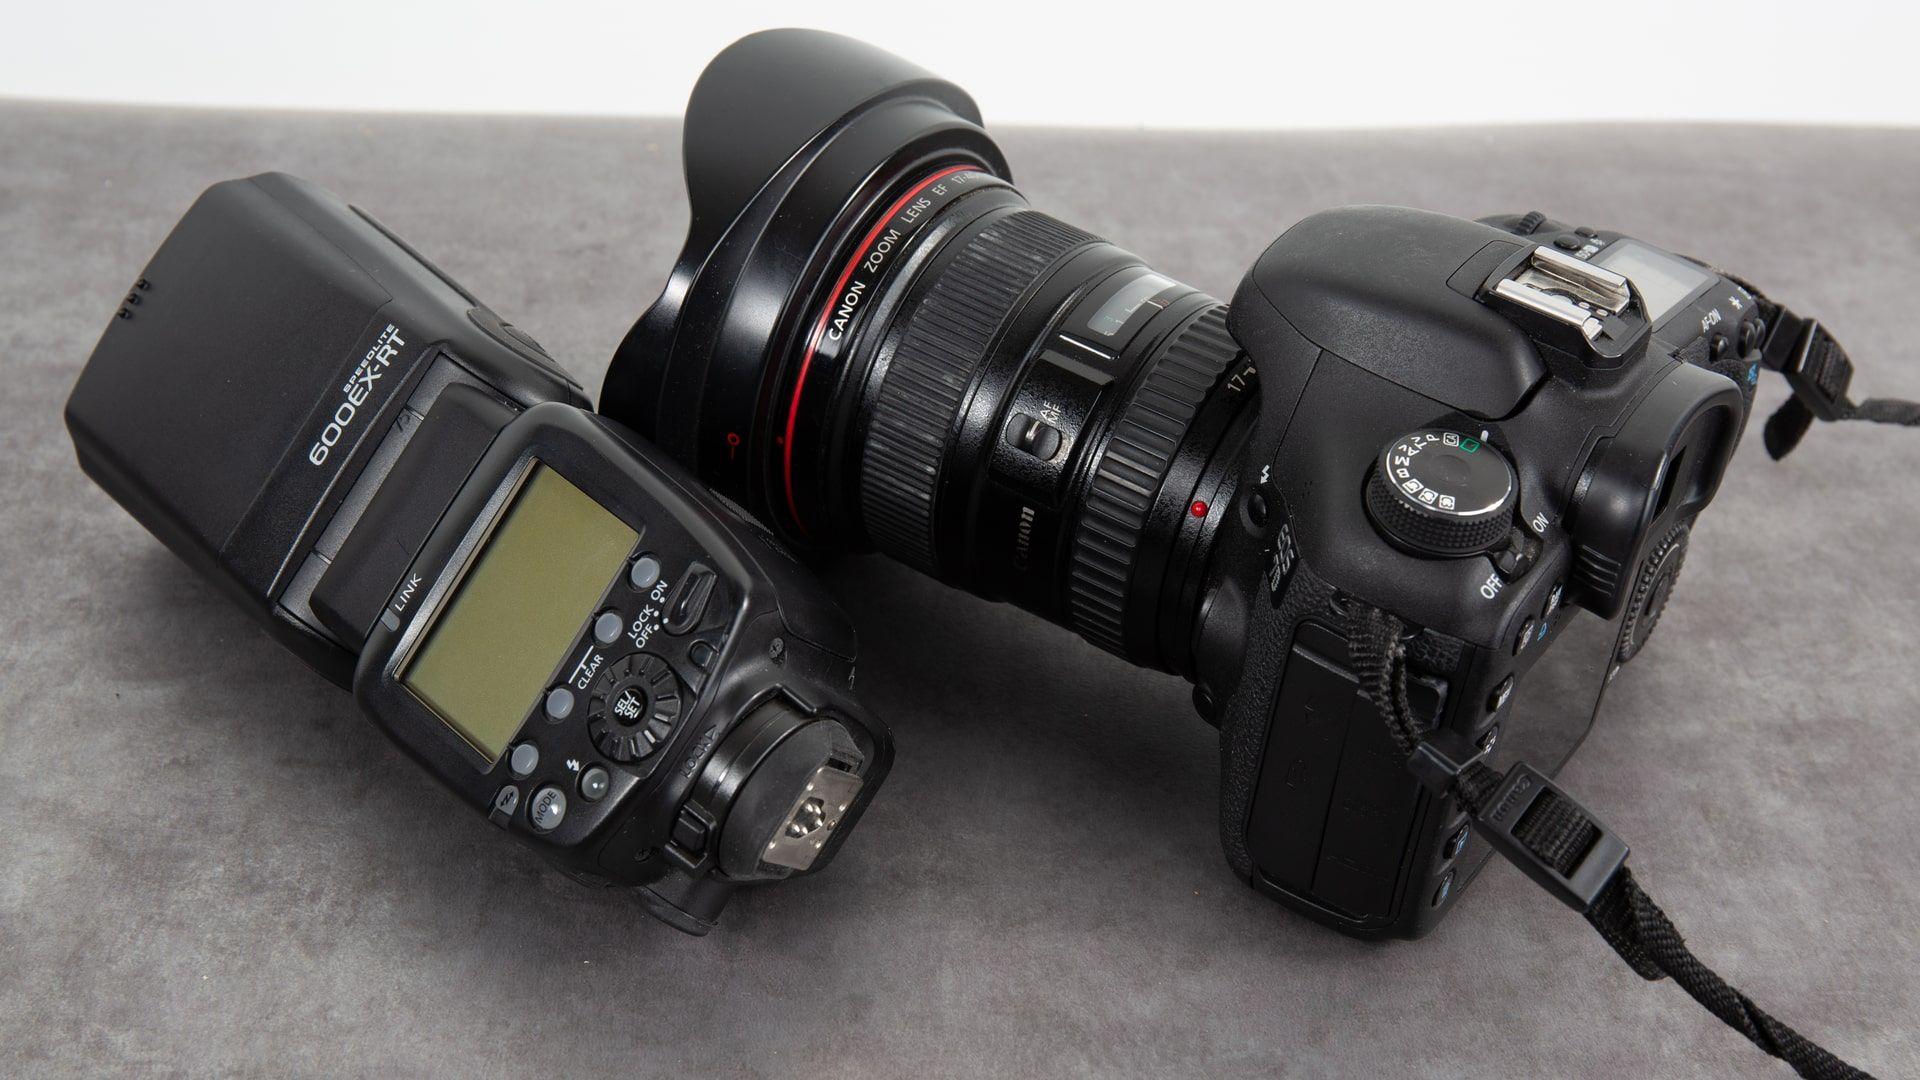 Câmera profissional: é possível encontrar modelos de marcas como Canon, Nikon e Sony no Brasil (Foto: Shutterstock)